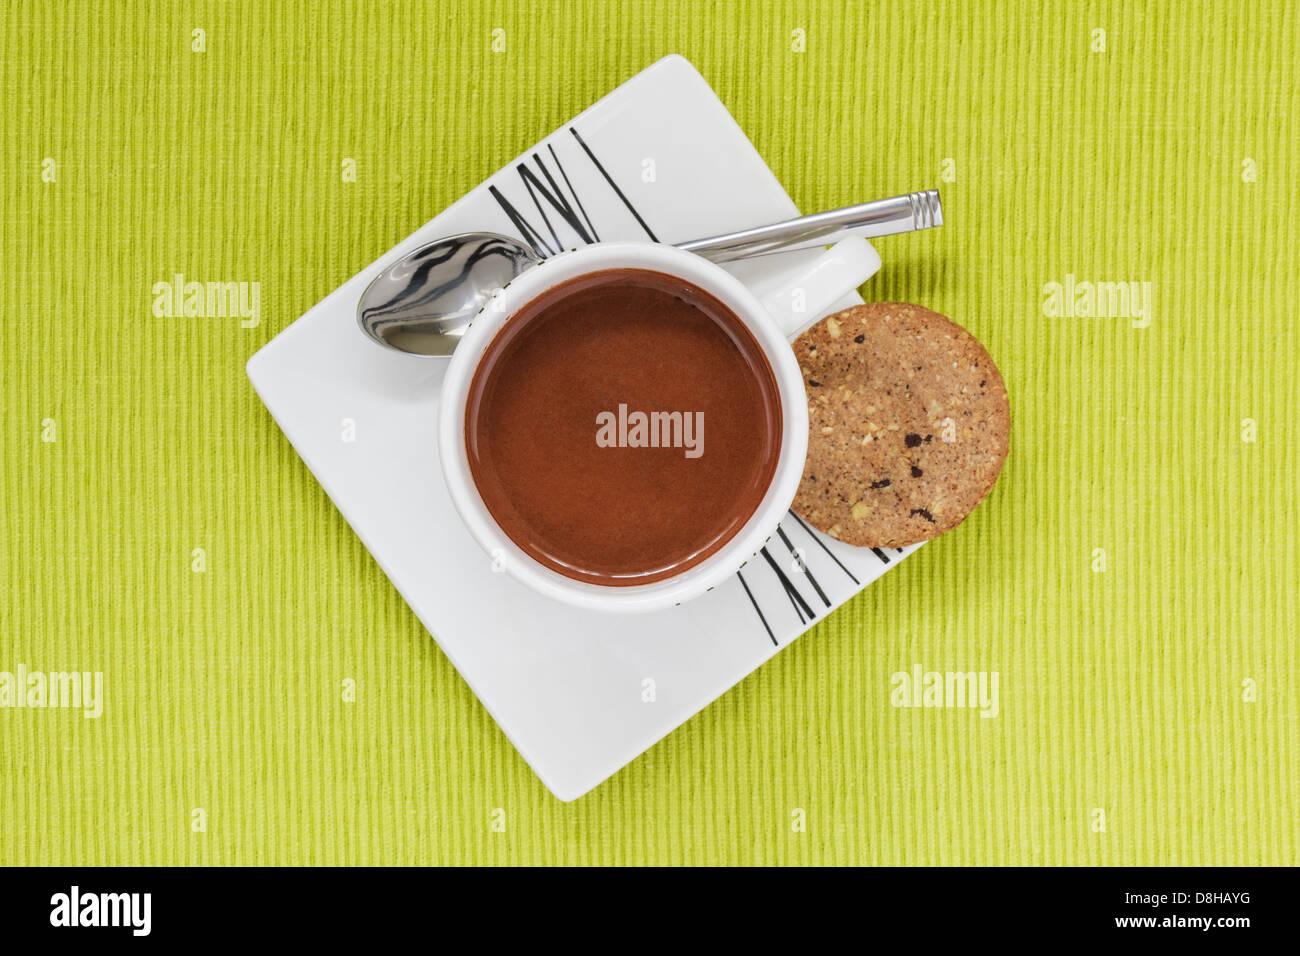 Cioccolata calda bevanda in tazza bianca ,piattino e biscotto dal di sopra Immagini Stock